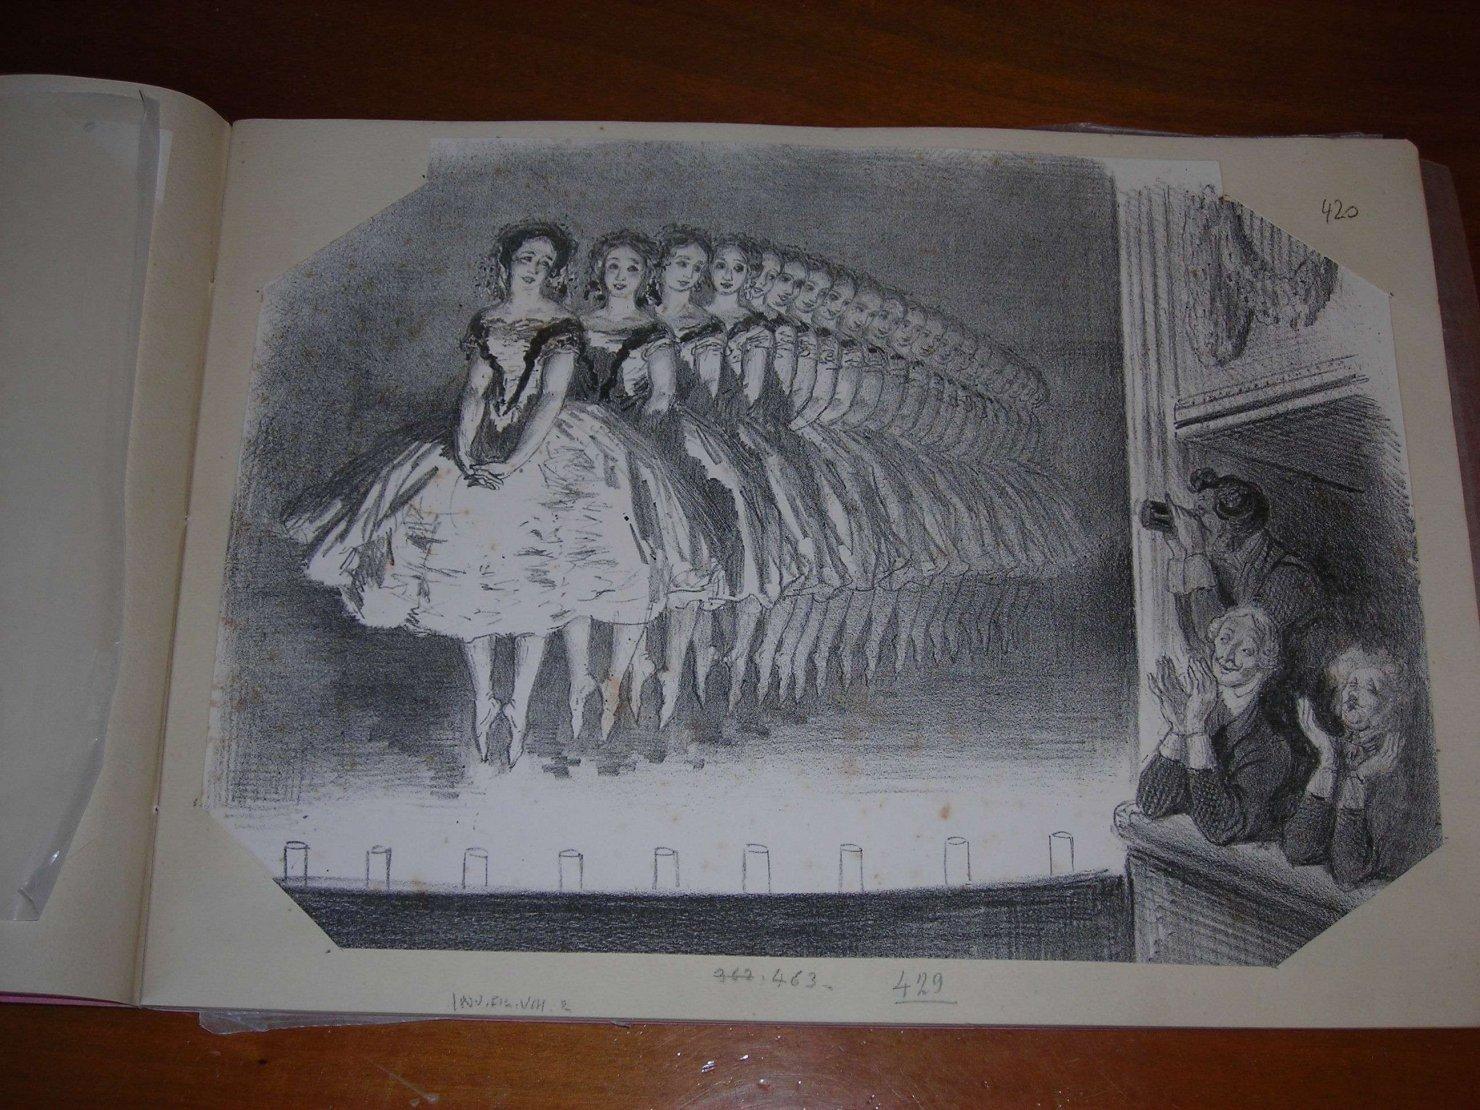 teatro (stampa) di Doré Gustave (sec. XIX)